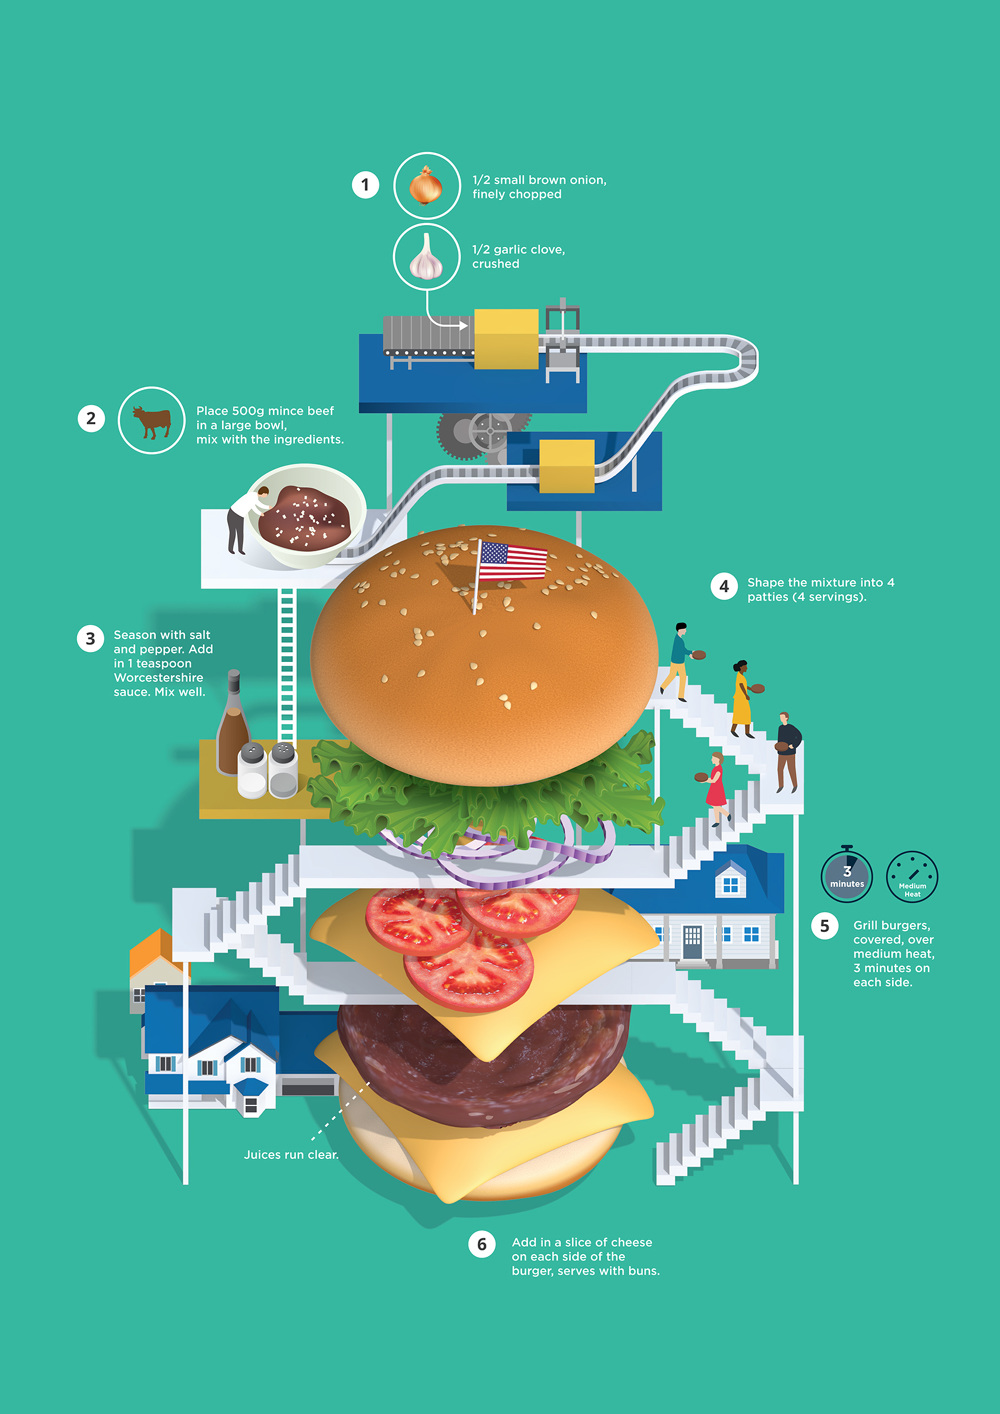 インフォグラフィック:ハンバーガーレシピをポップなイラストで紹介。絶品バーガー店はここだ